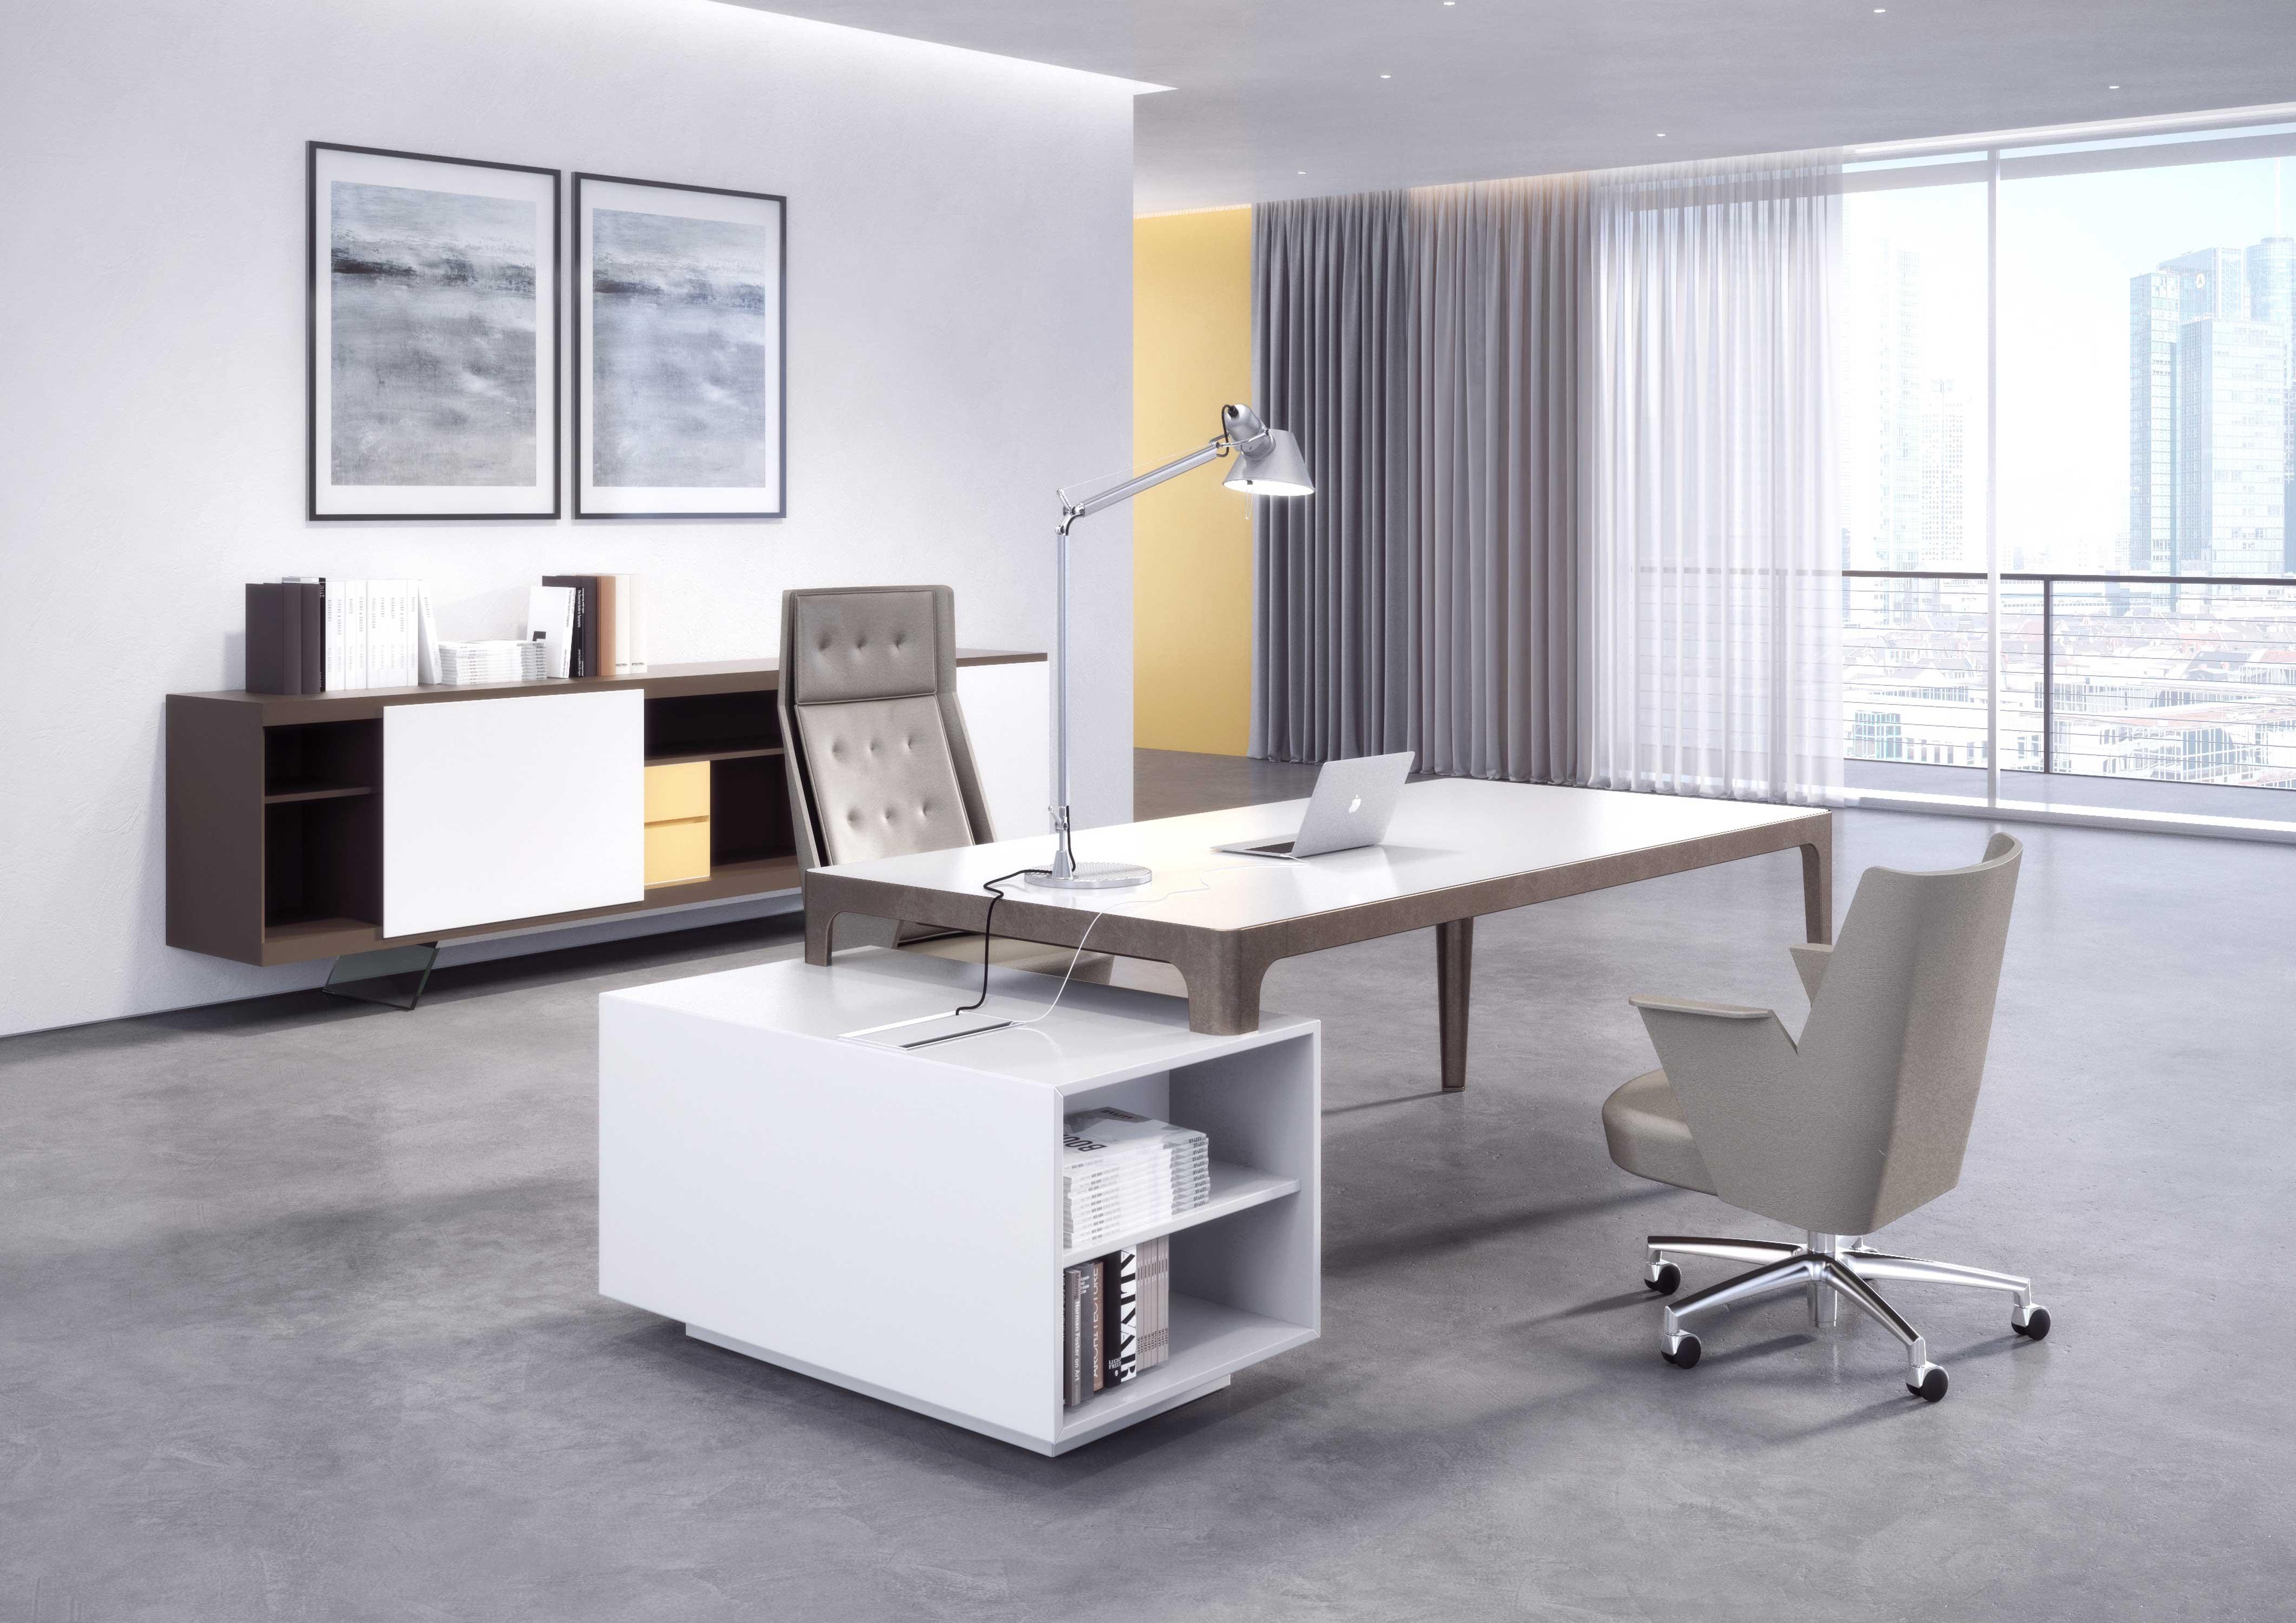 02S_Estel_Executive-&-Common-Area_Executive-&-Meeting_Grand-More_executive